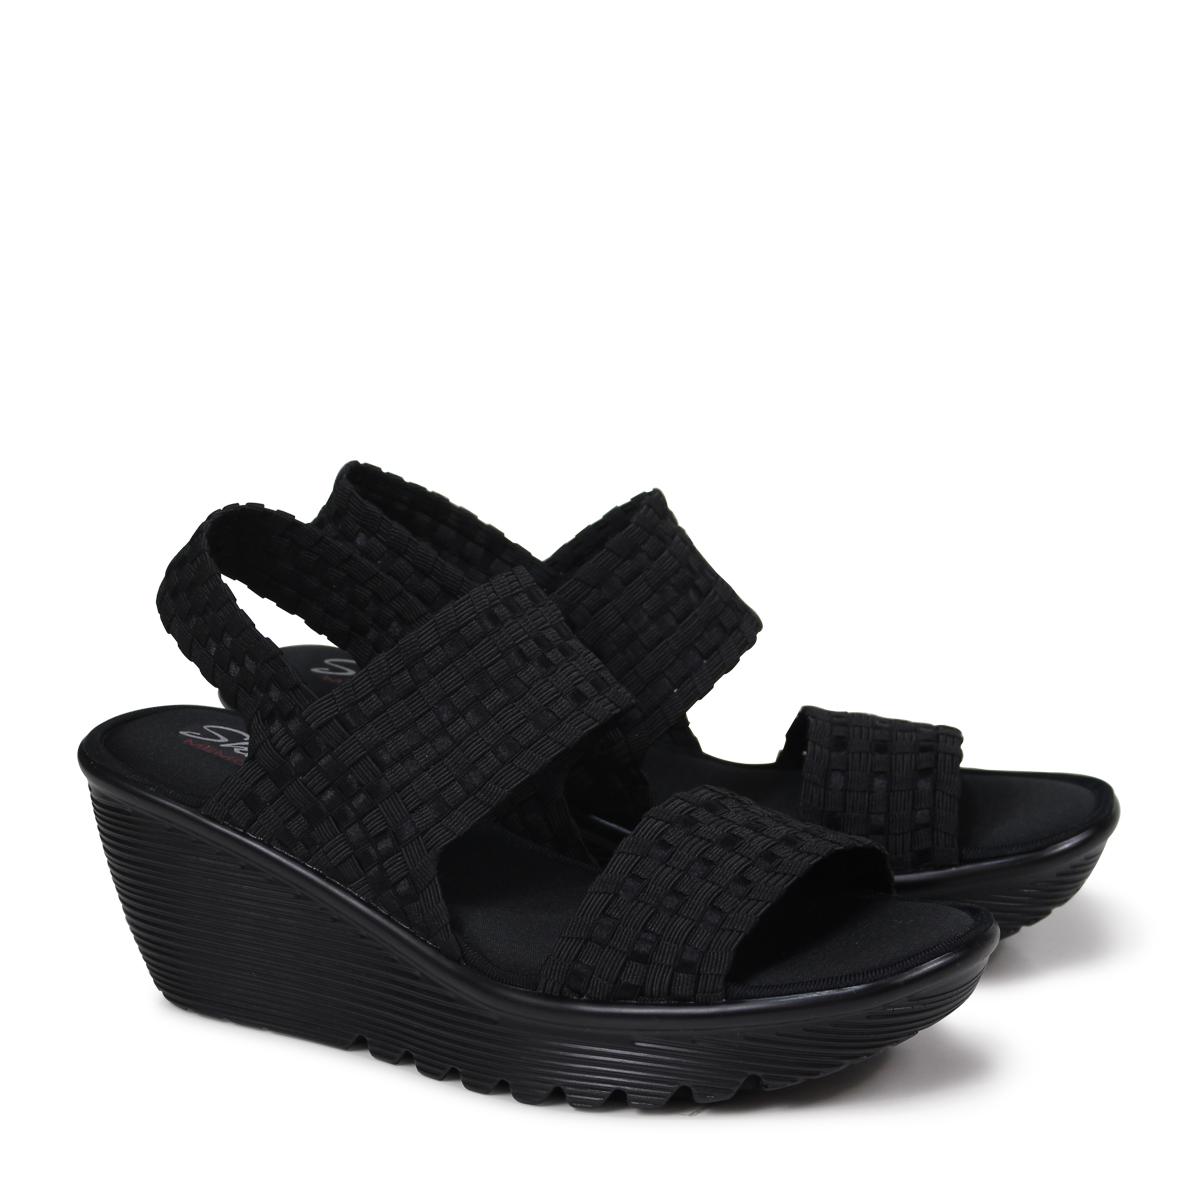 skechers parallel sandals